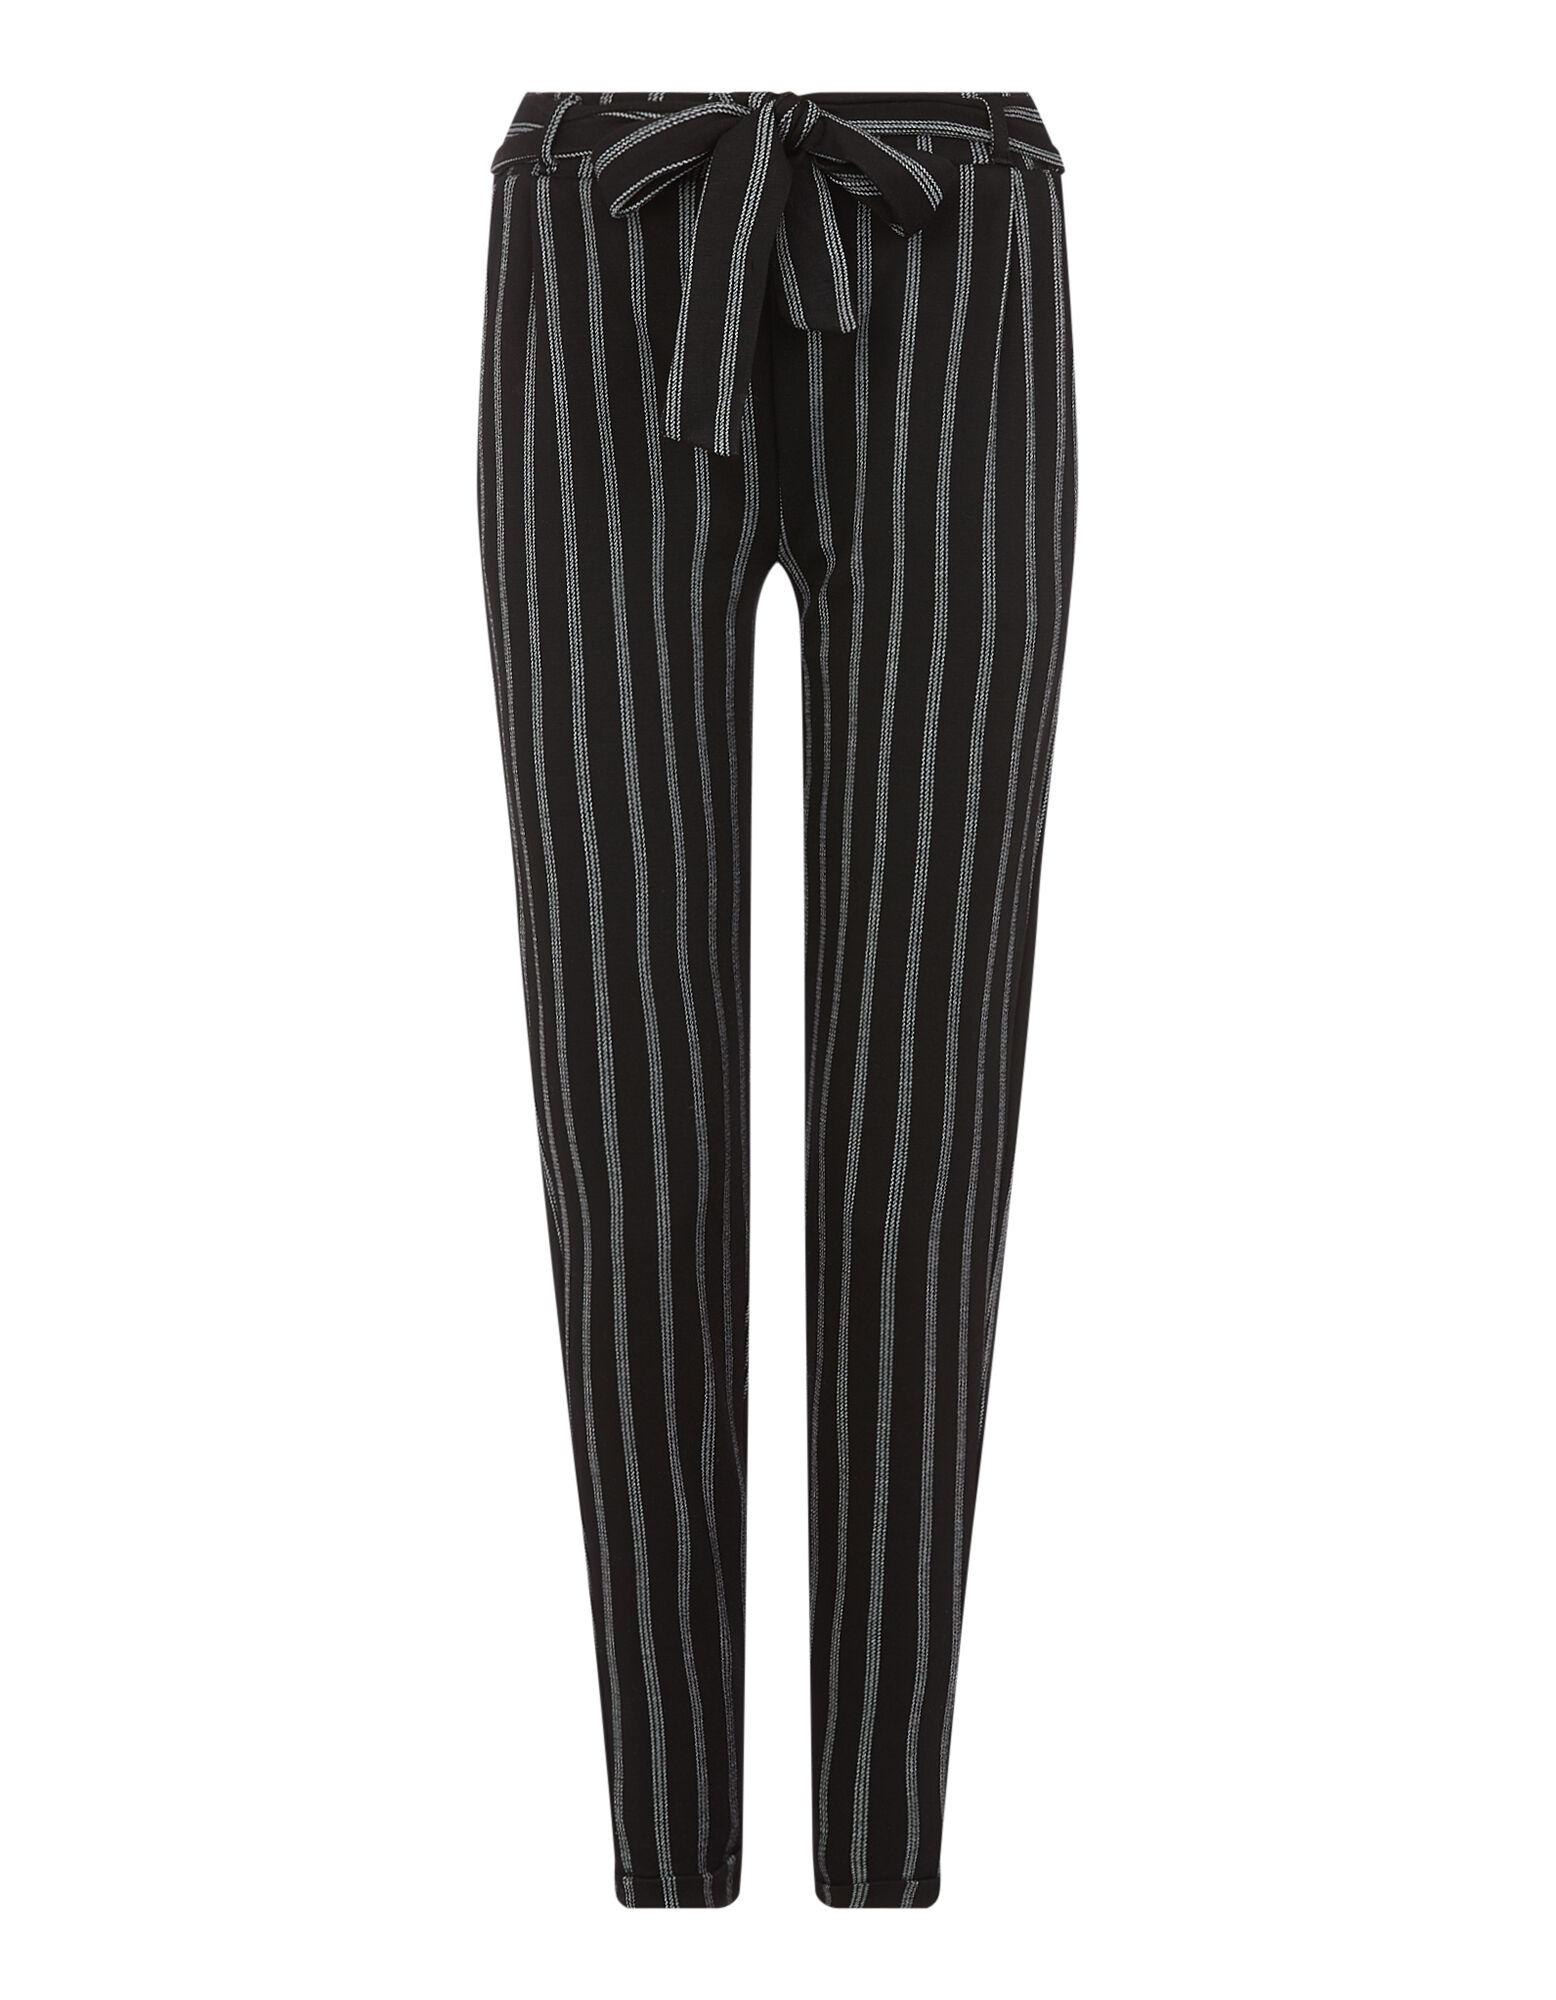 Damen Hose aus Leinen Viskose Mix von Takko Fashion ansehen!